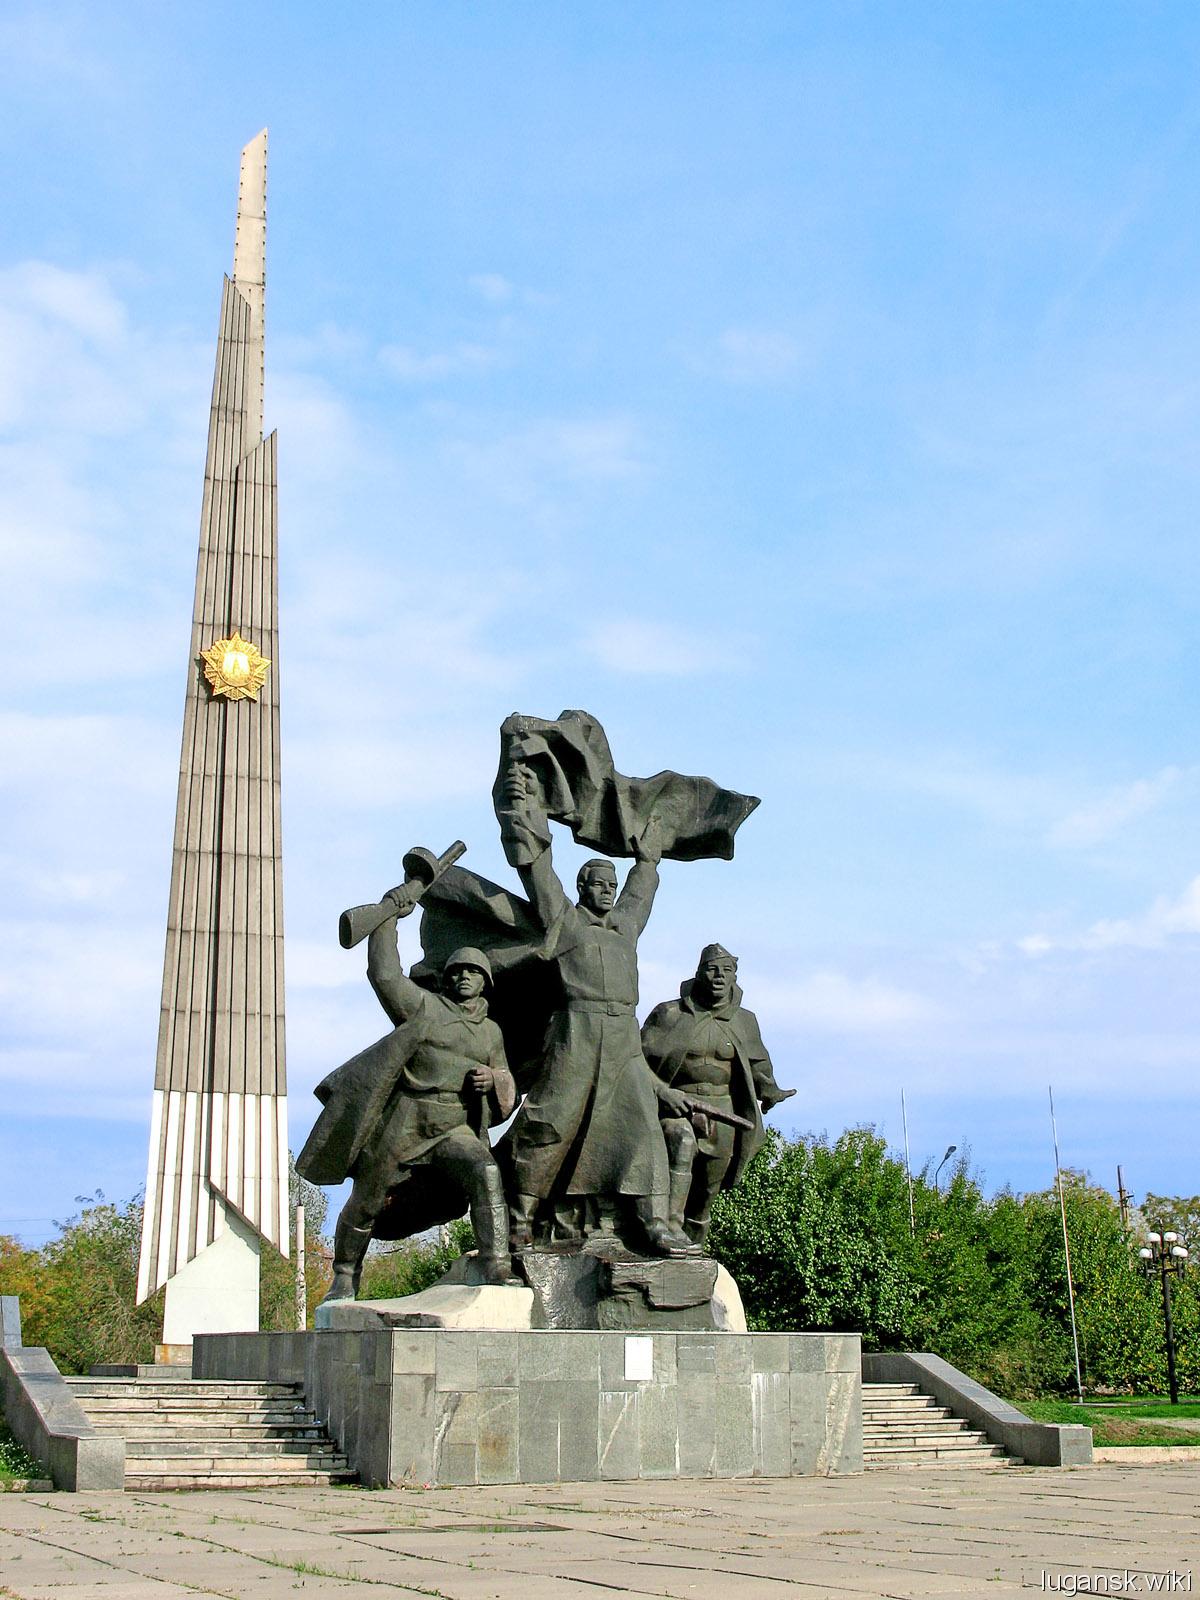 данный экземпляр памятники луганска описание и фото такого торта-цифры